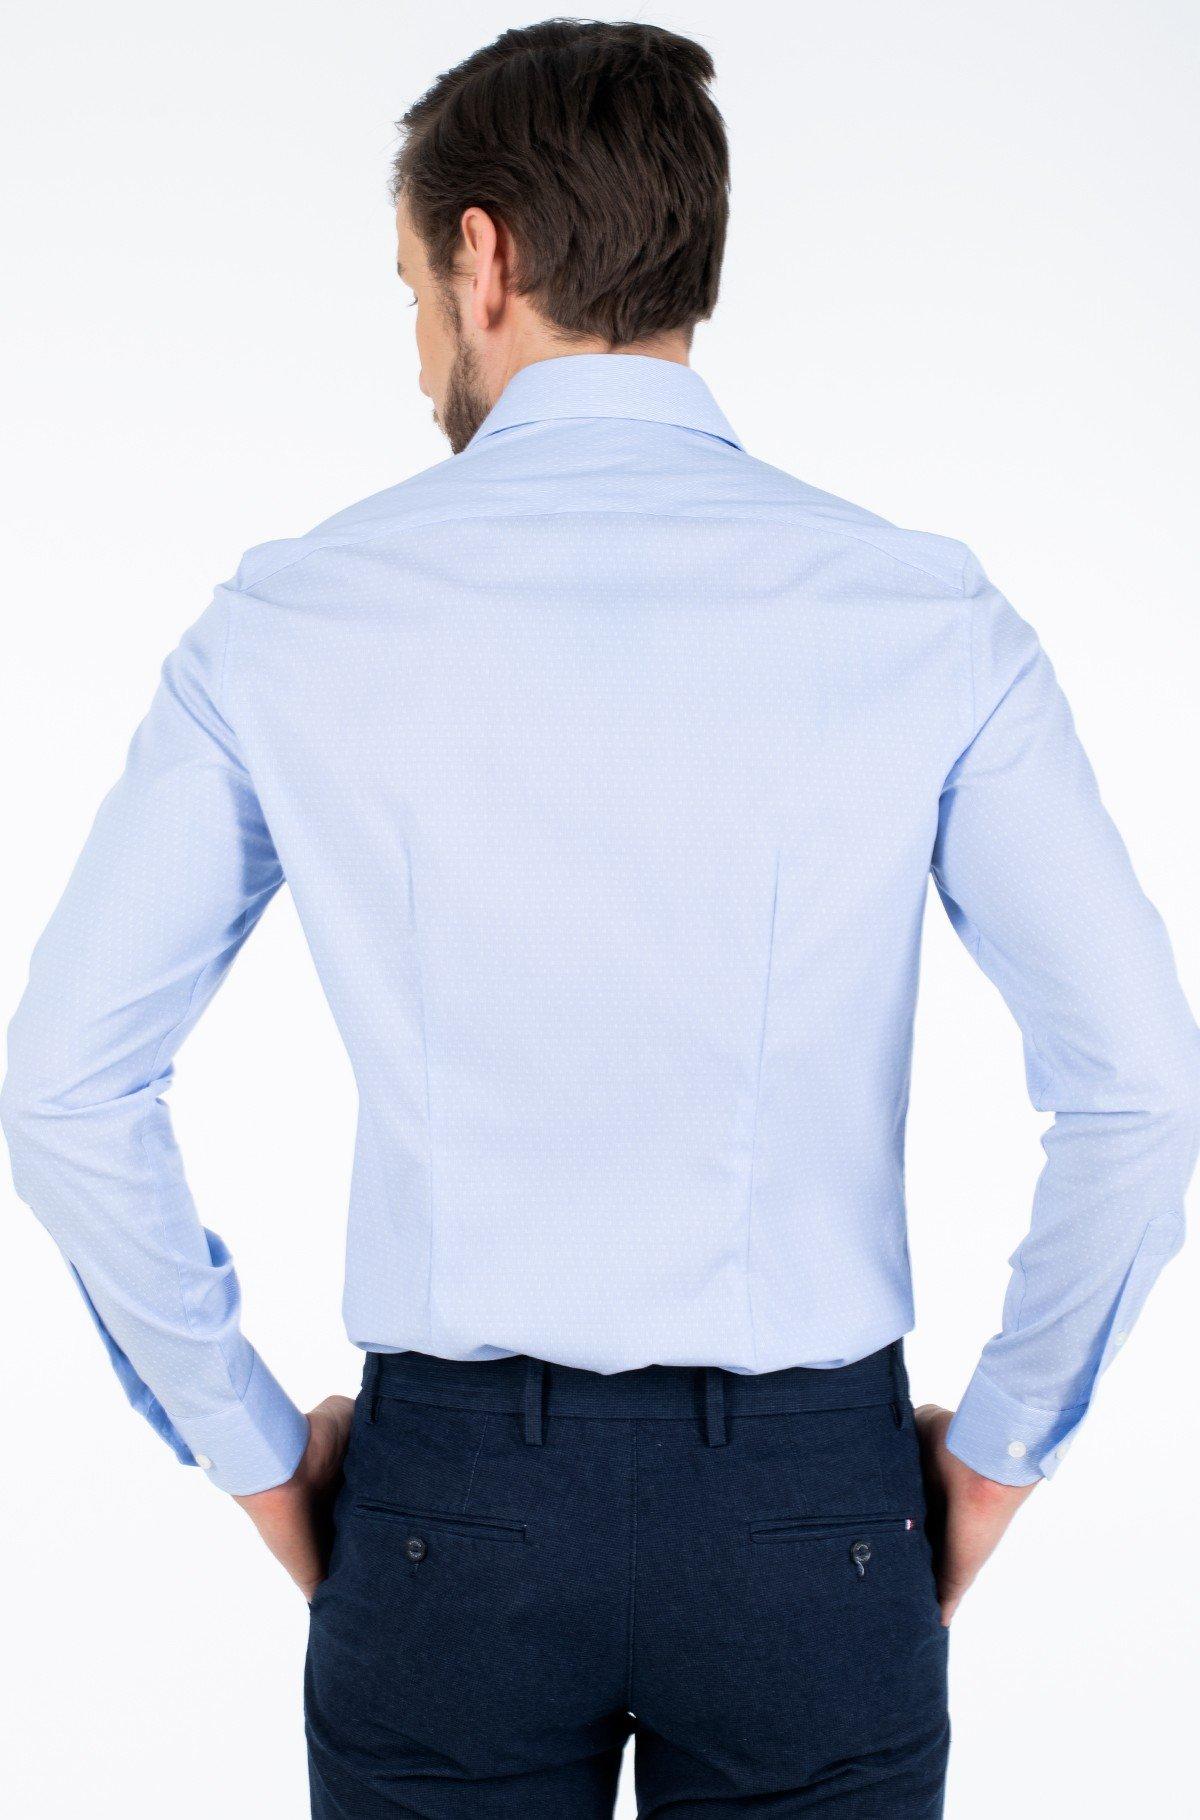 Marškiniai DOBBY FLEX COLLAR SLIM SHIRT-full-2